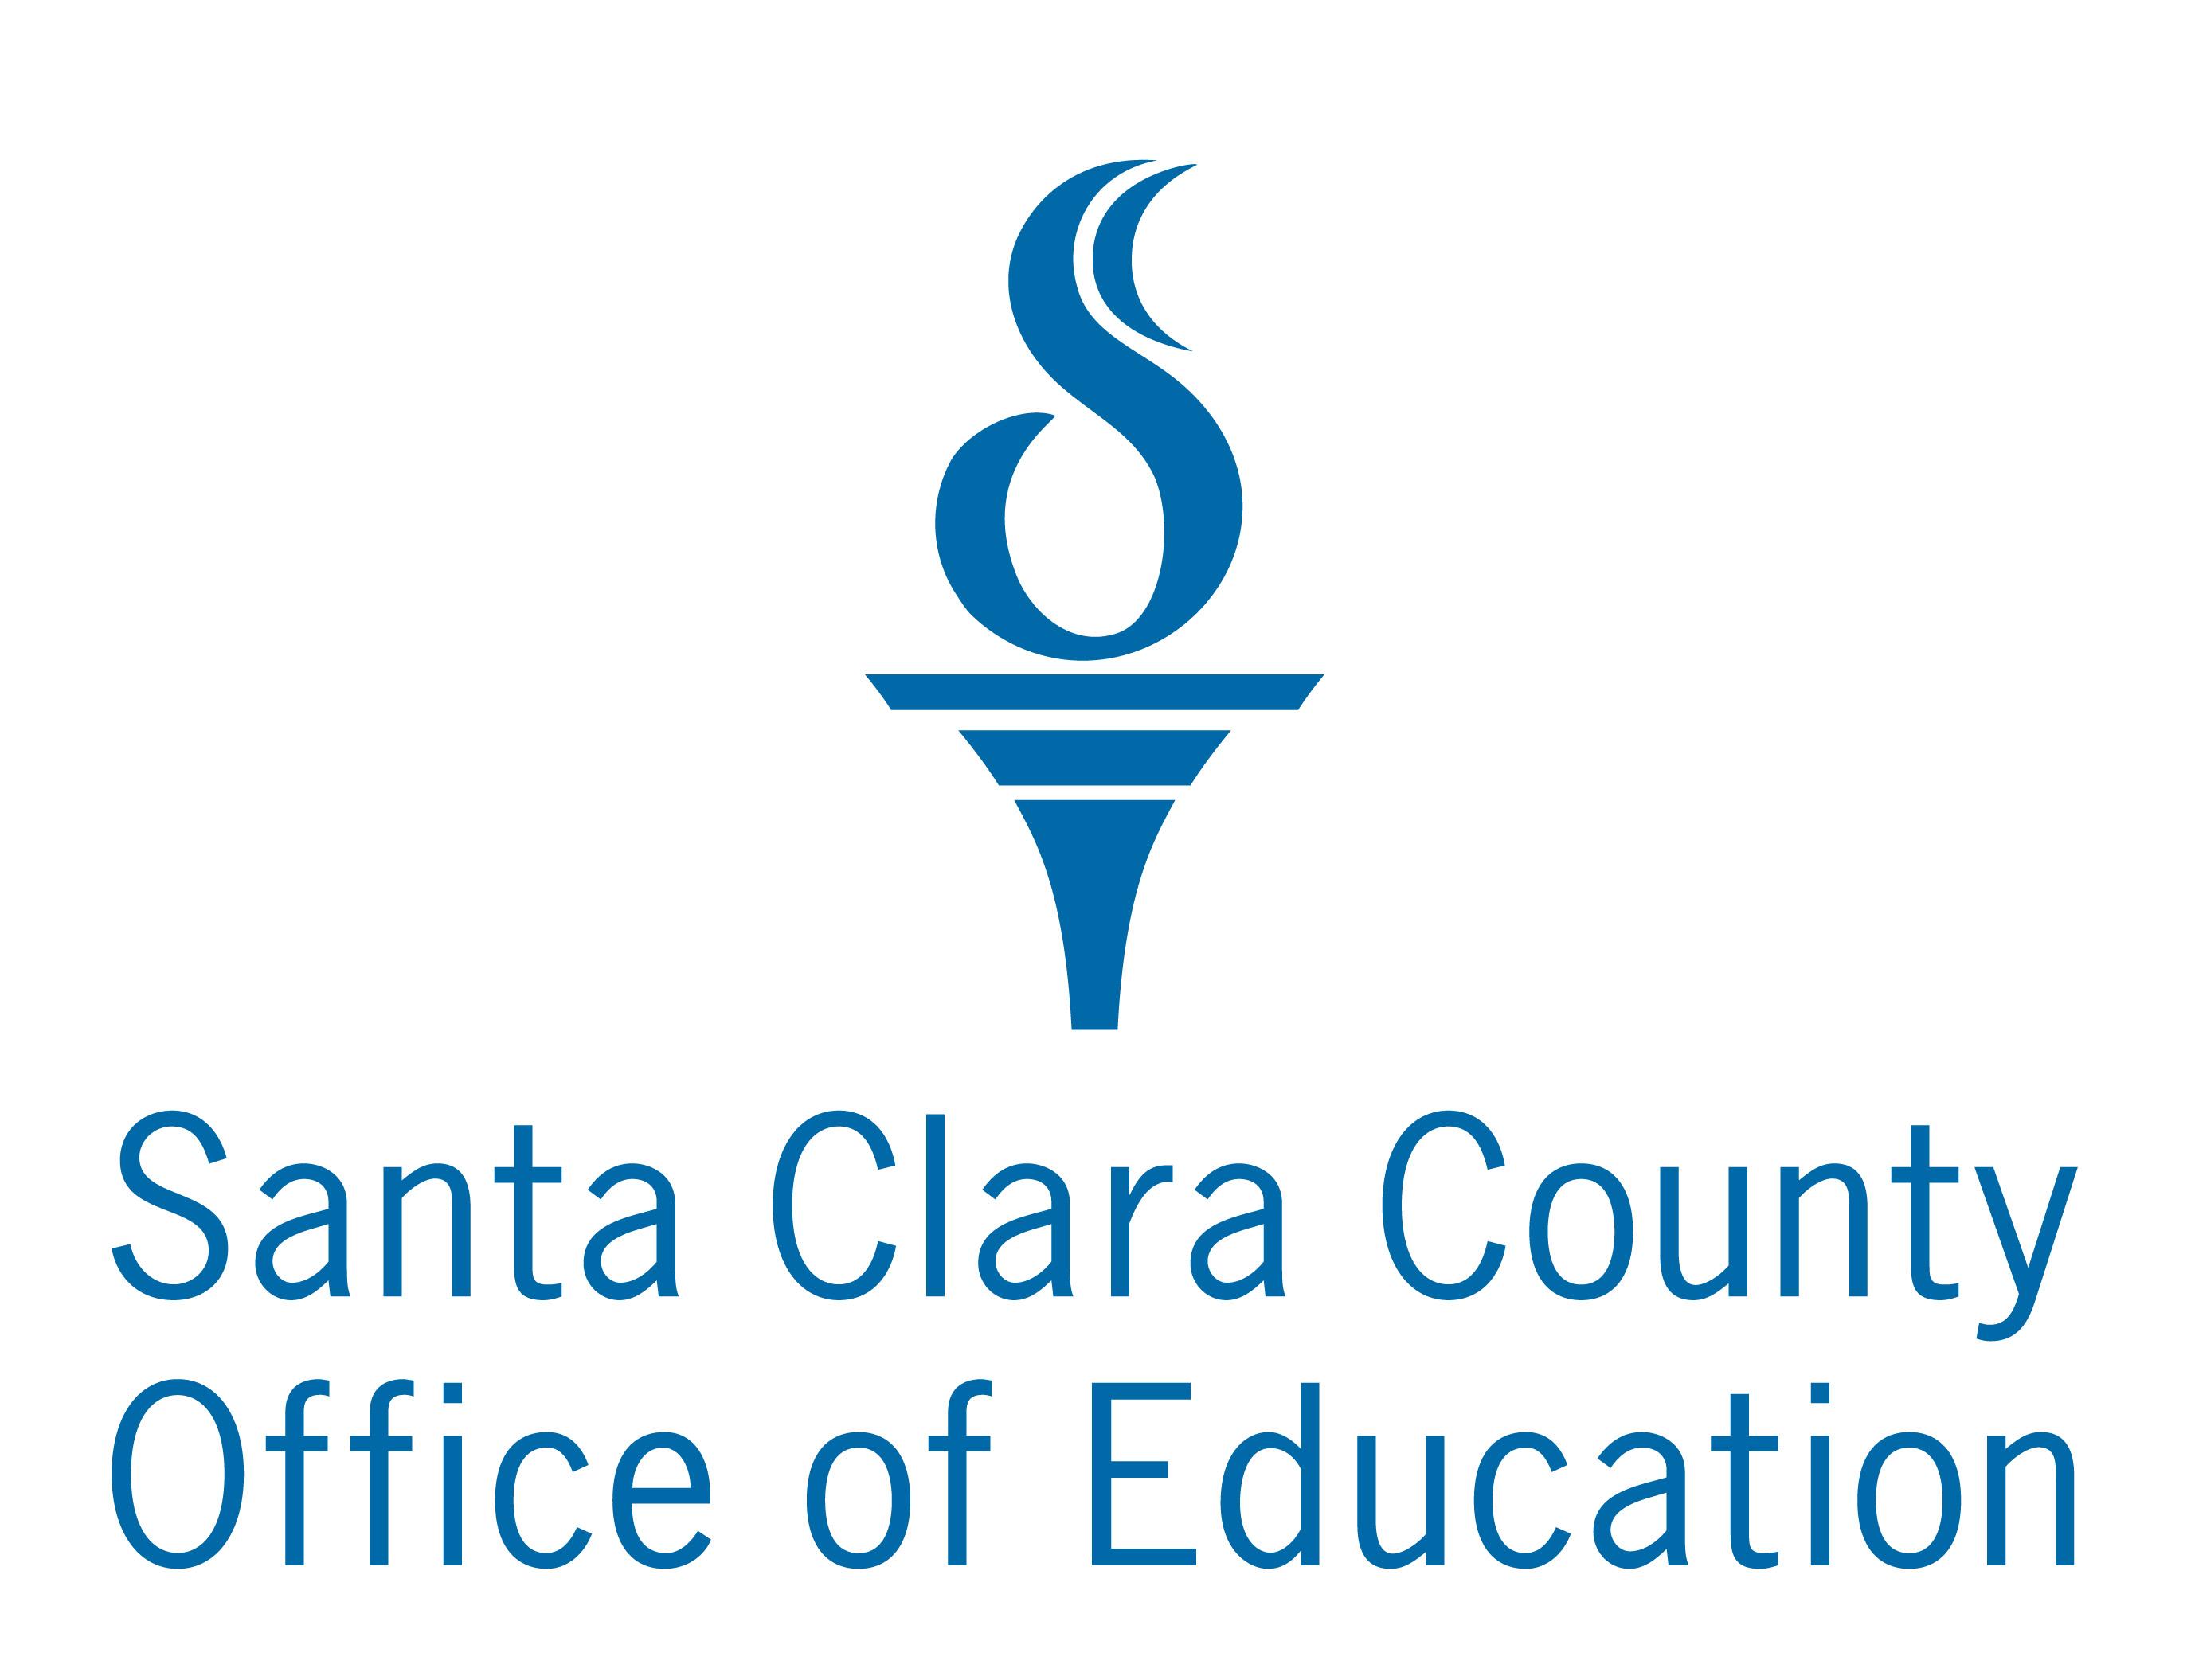 Logotipo de la Oficina de Educación del Condado de Santa Clara